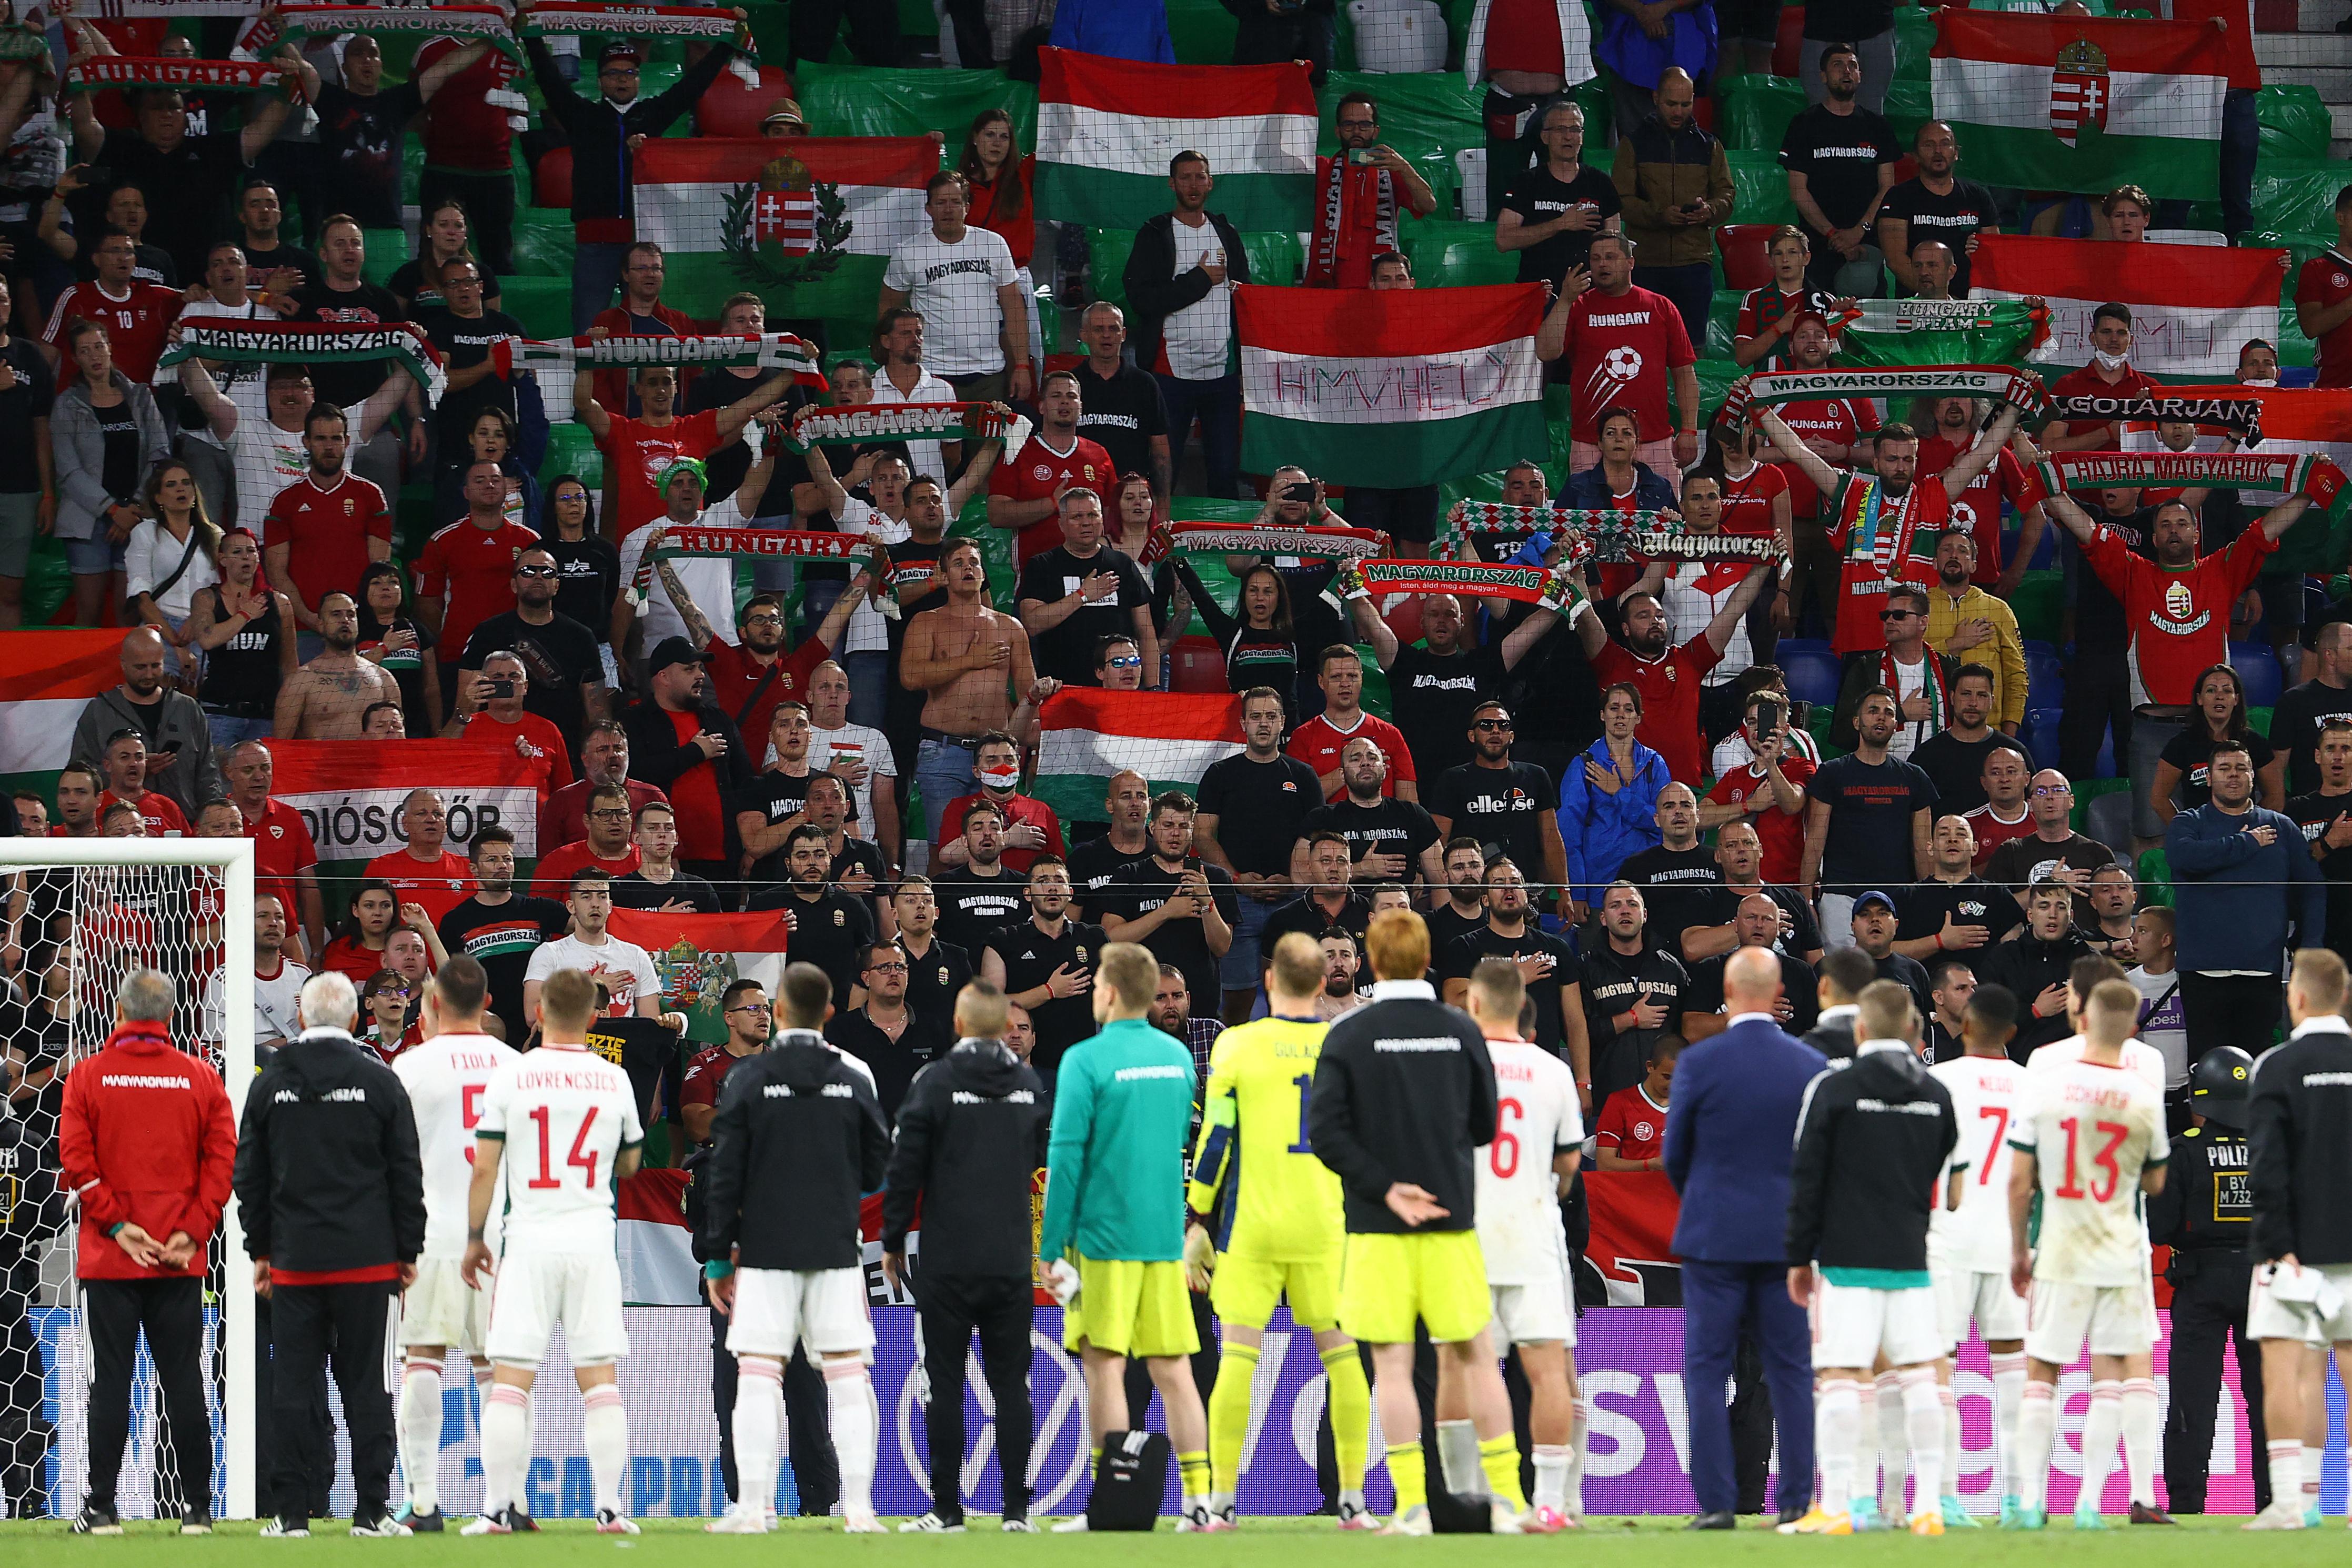 Egy határozott lépés előre – a magyar válogatott Eb-mérlege